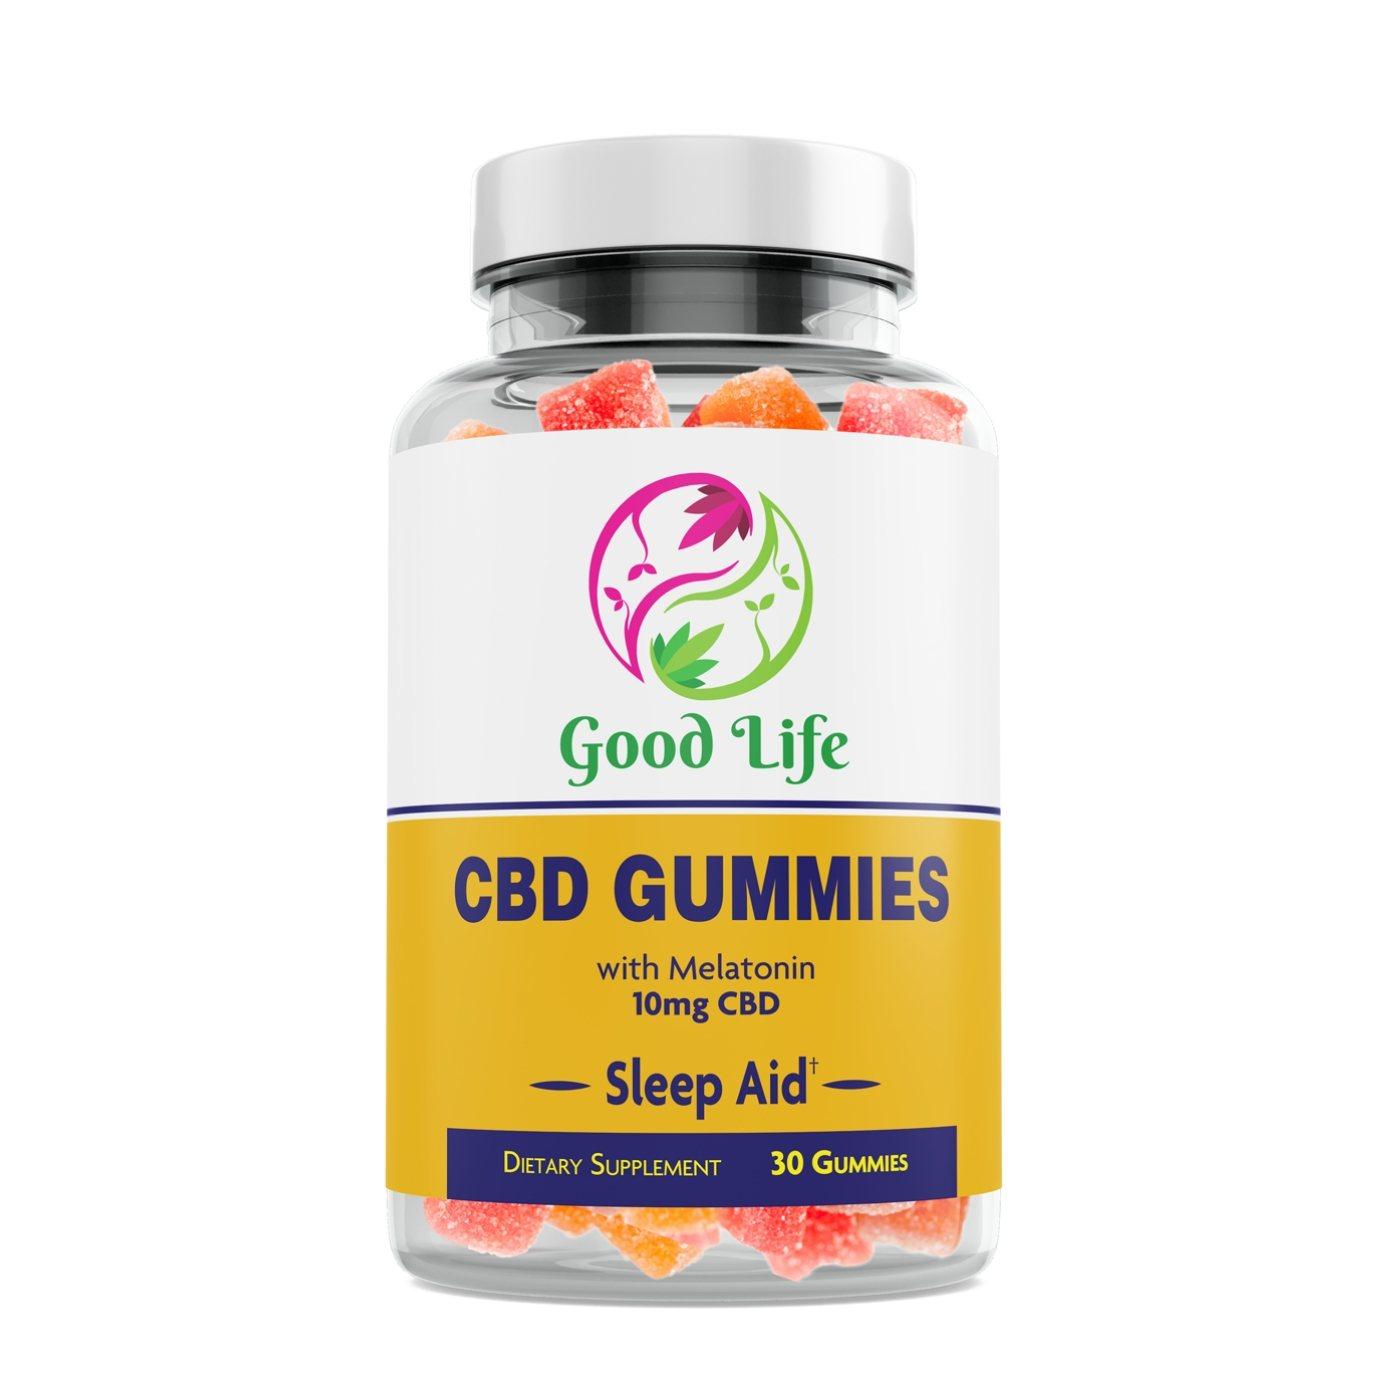 Sleep Aid CBD Gummies